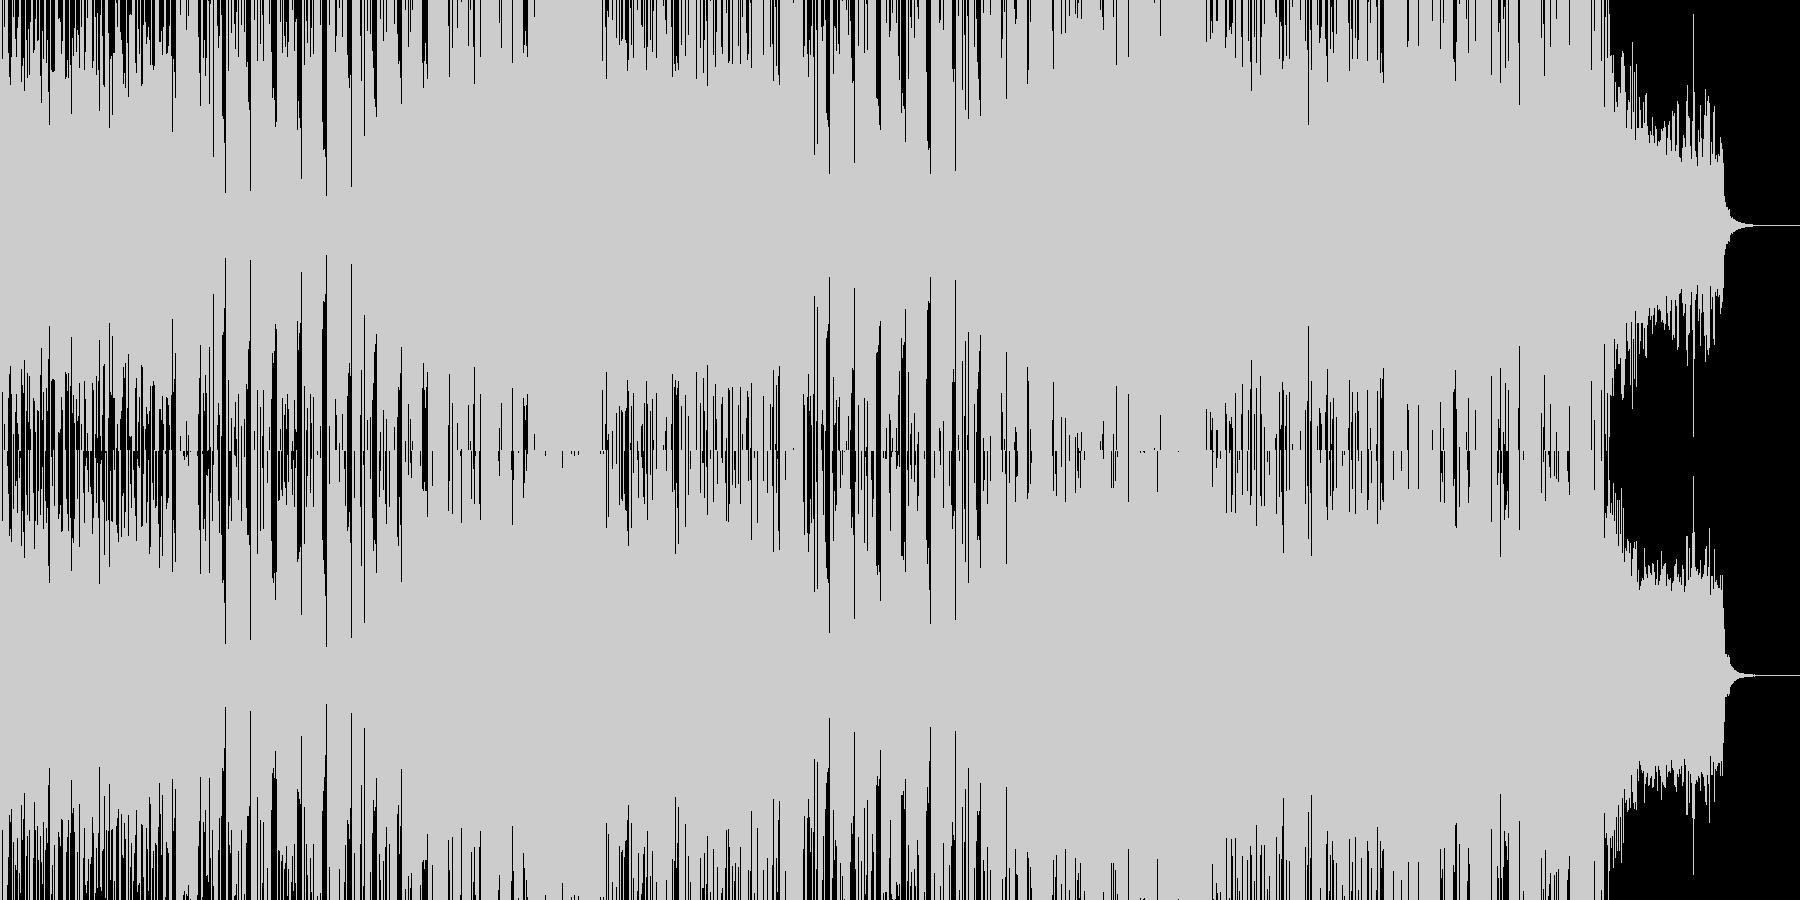 疾走感のあるコミカルなテクノポップの未再生の波形